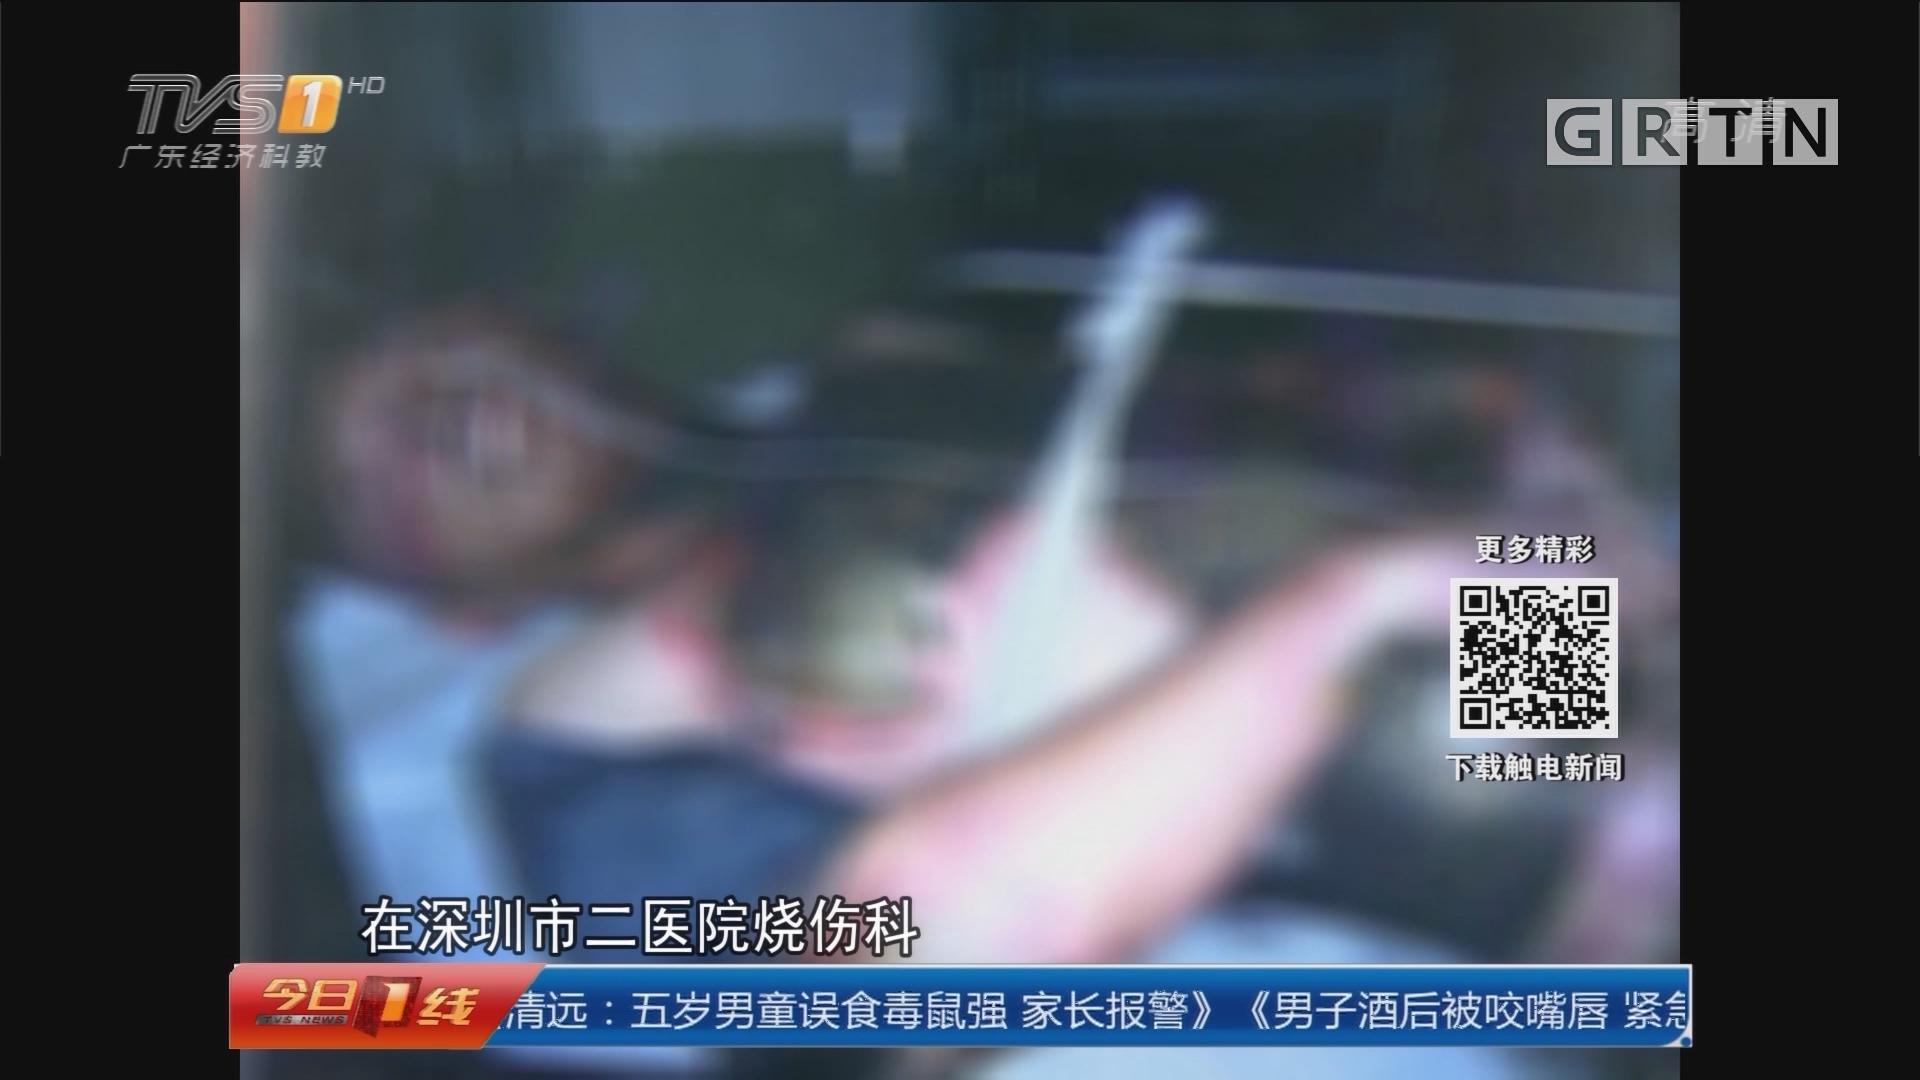 深圳:男子酒后被电截肢 配电房惹祸?